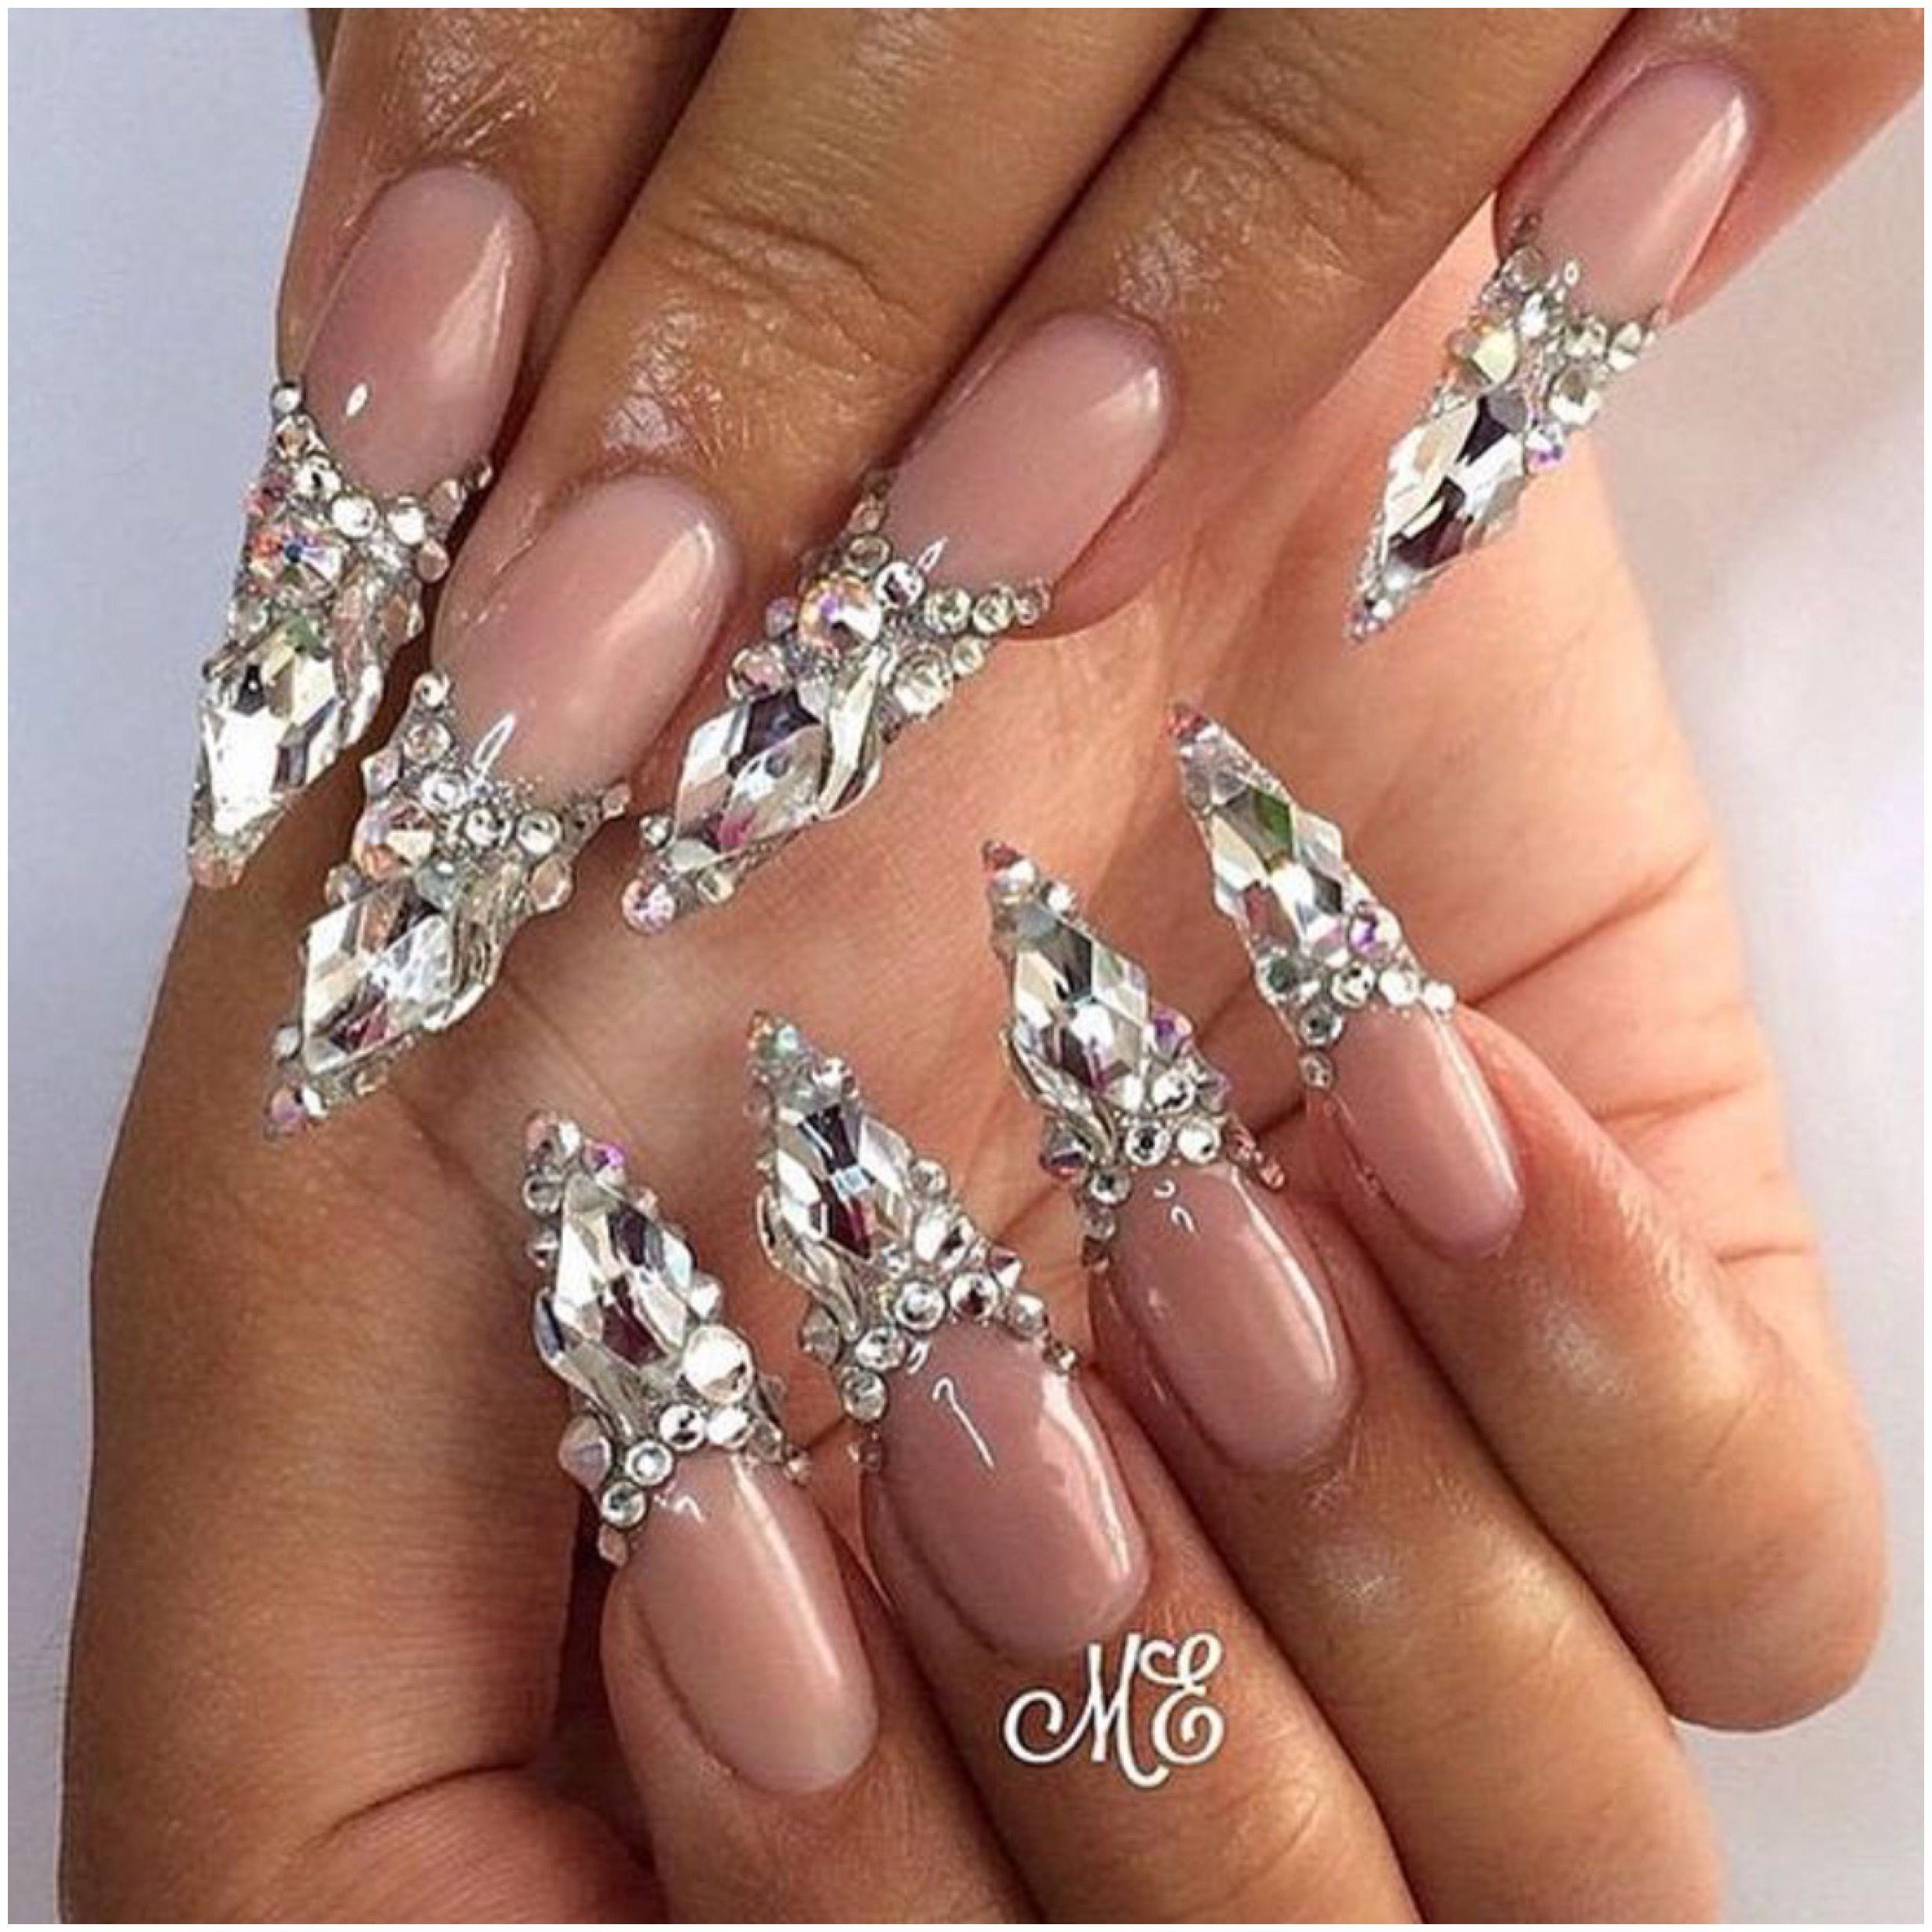 бриллиантовый дизайн ногтей фото этом посте можете